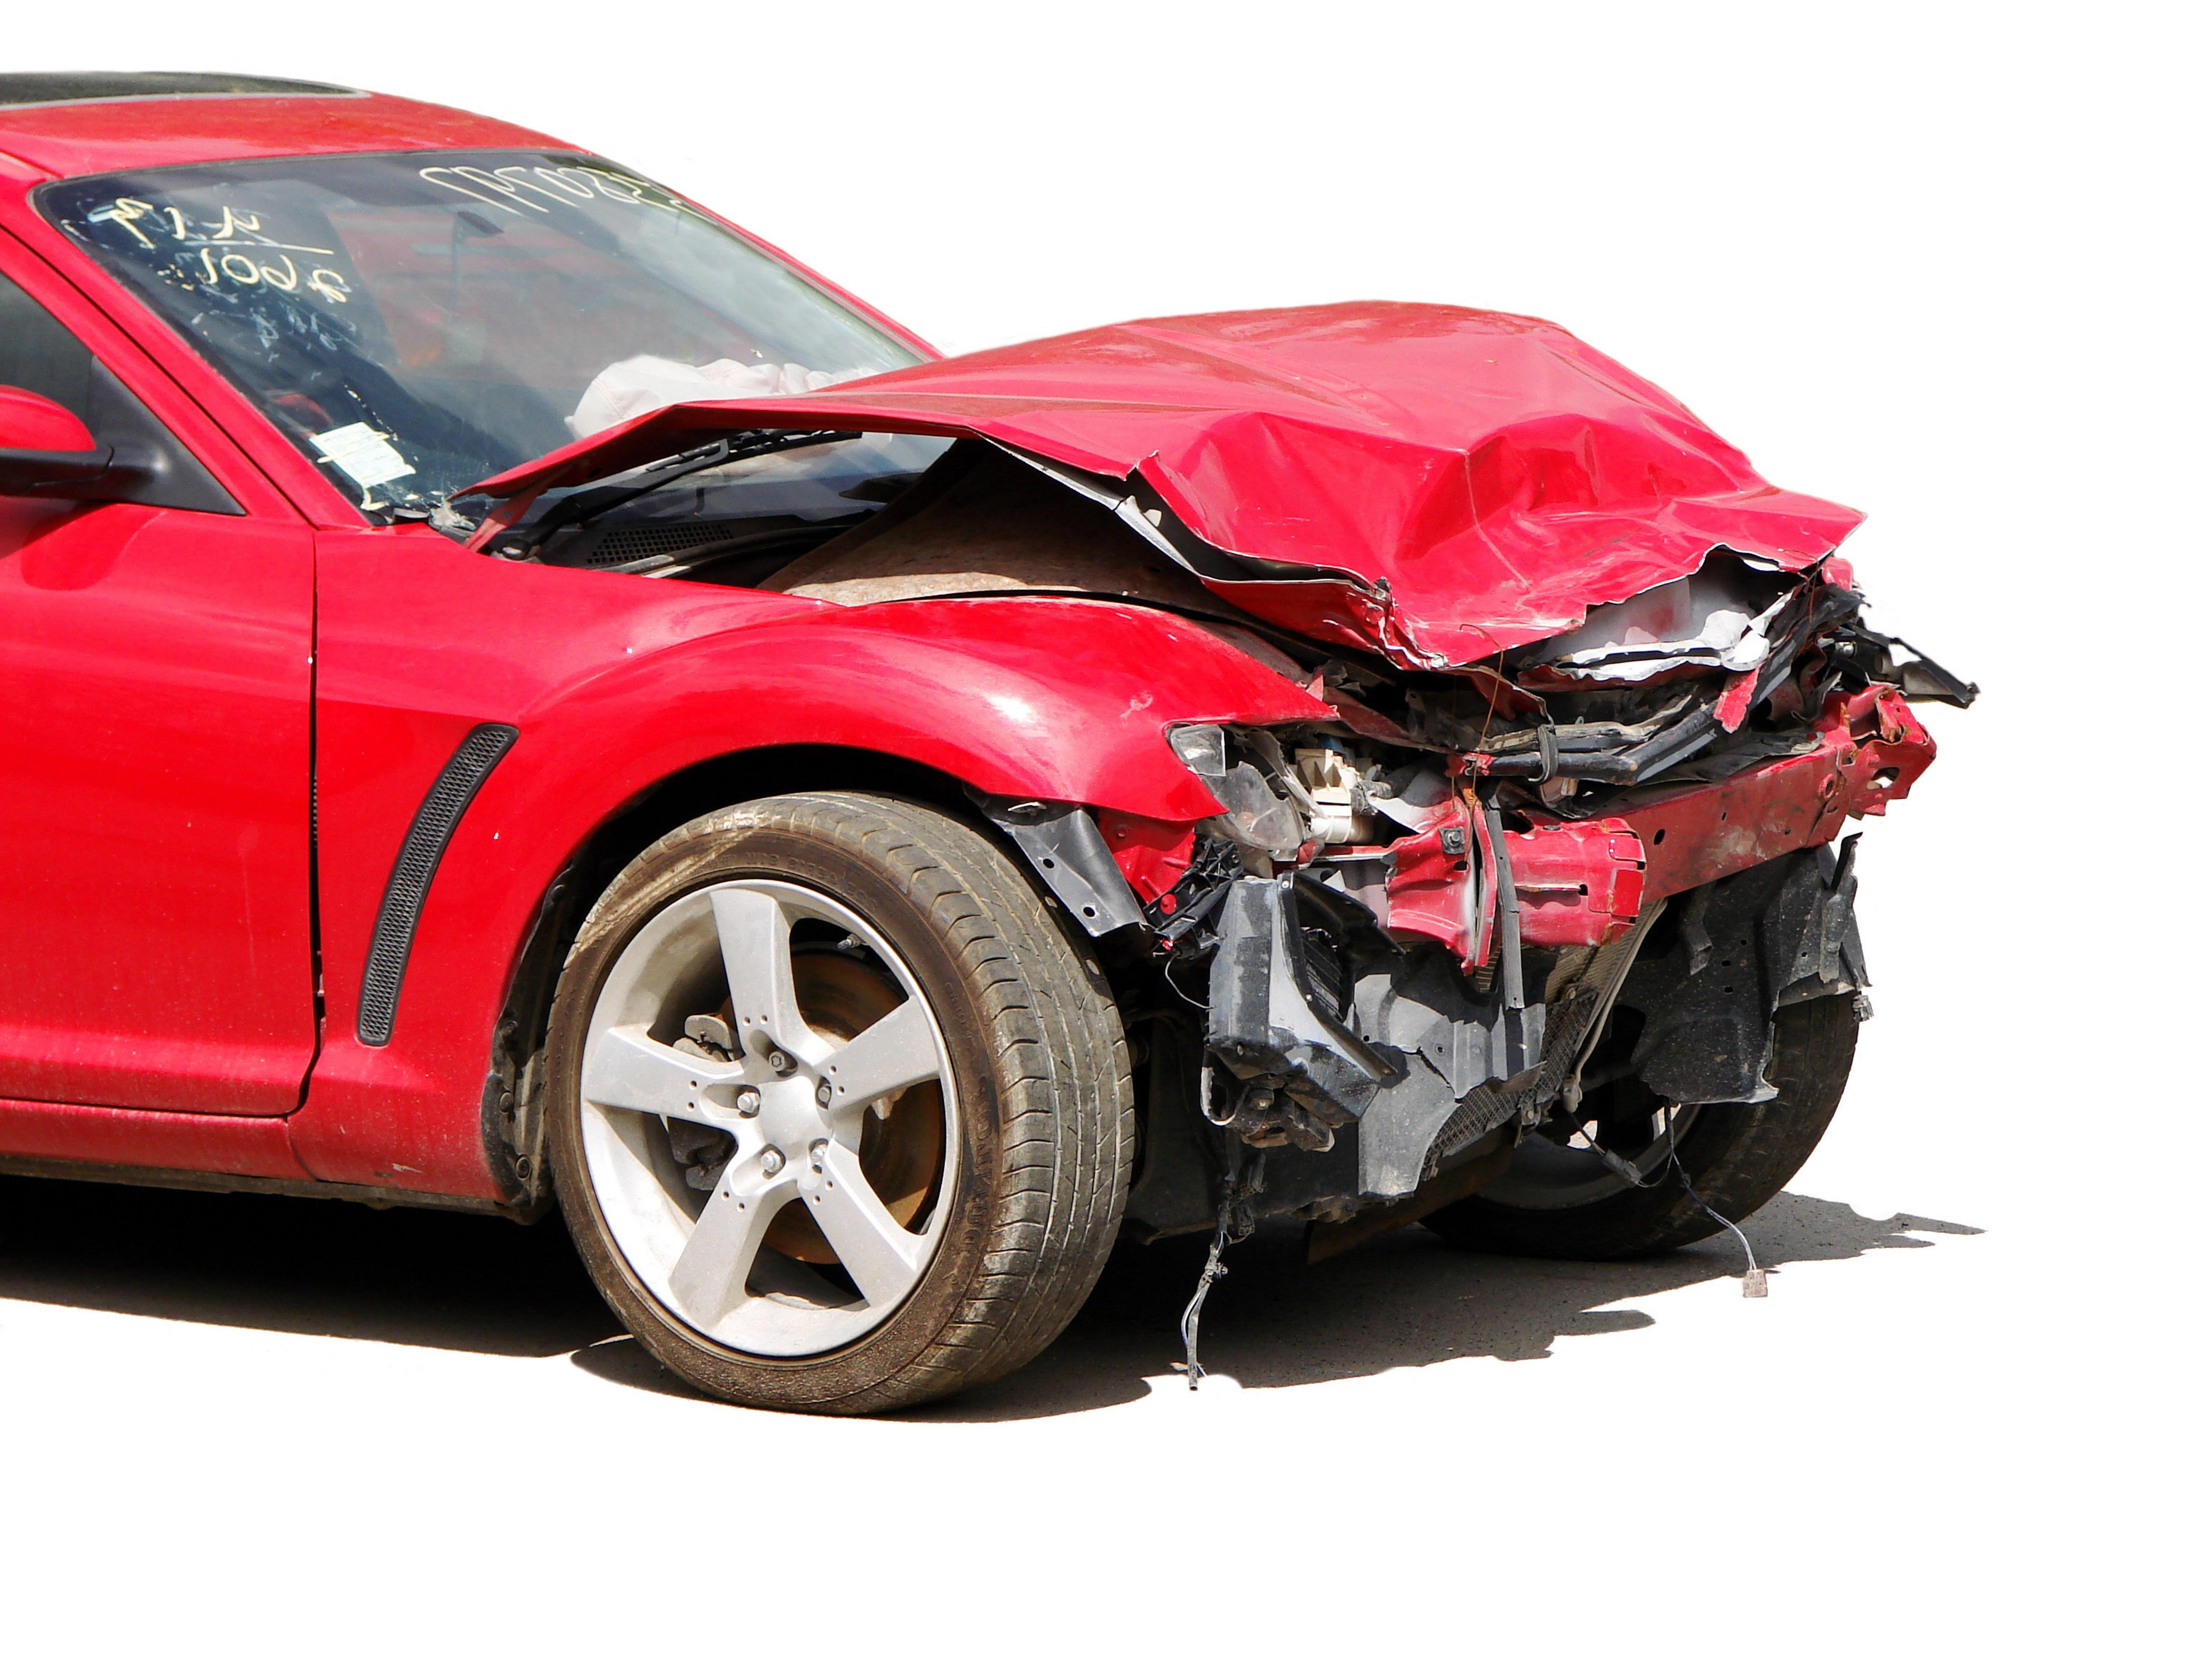 Um tumor pode ser causado por um trauma, por exemplo, uma pancada durante uma batida de automóvel?